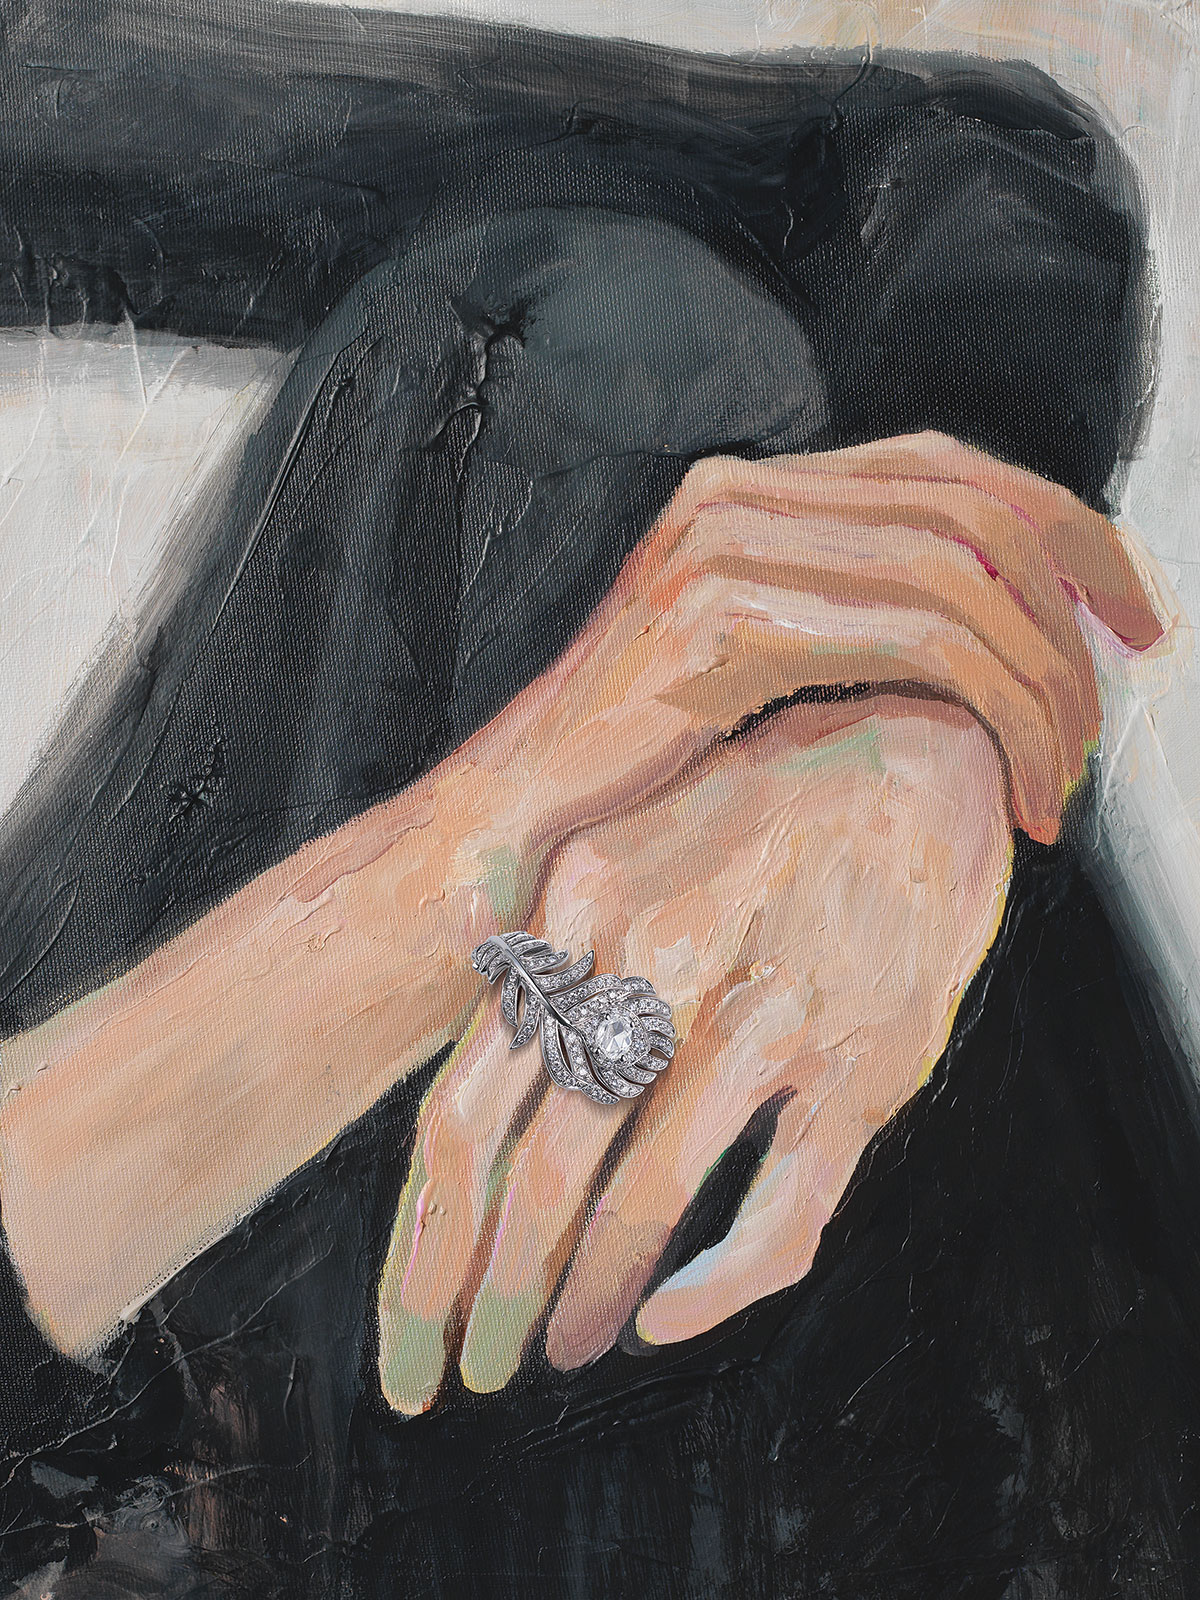 高级珠宝和手表入手